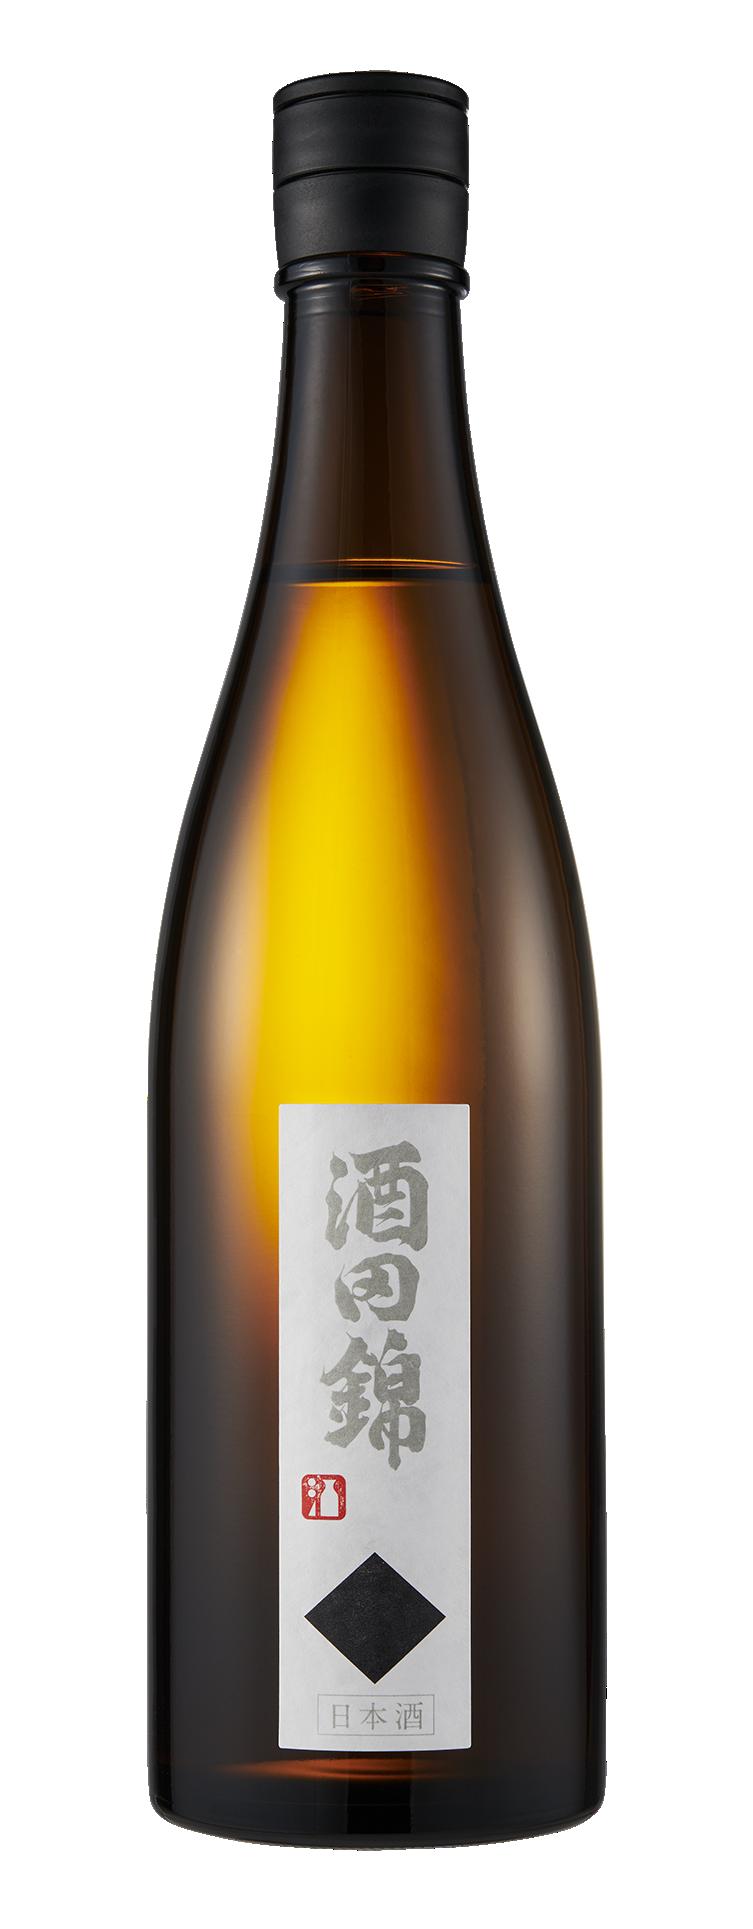 酒田錦 酒田錦 本醸造の商品画像